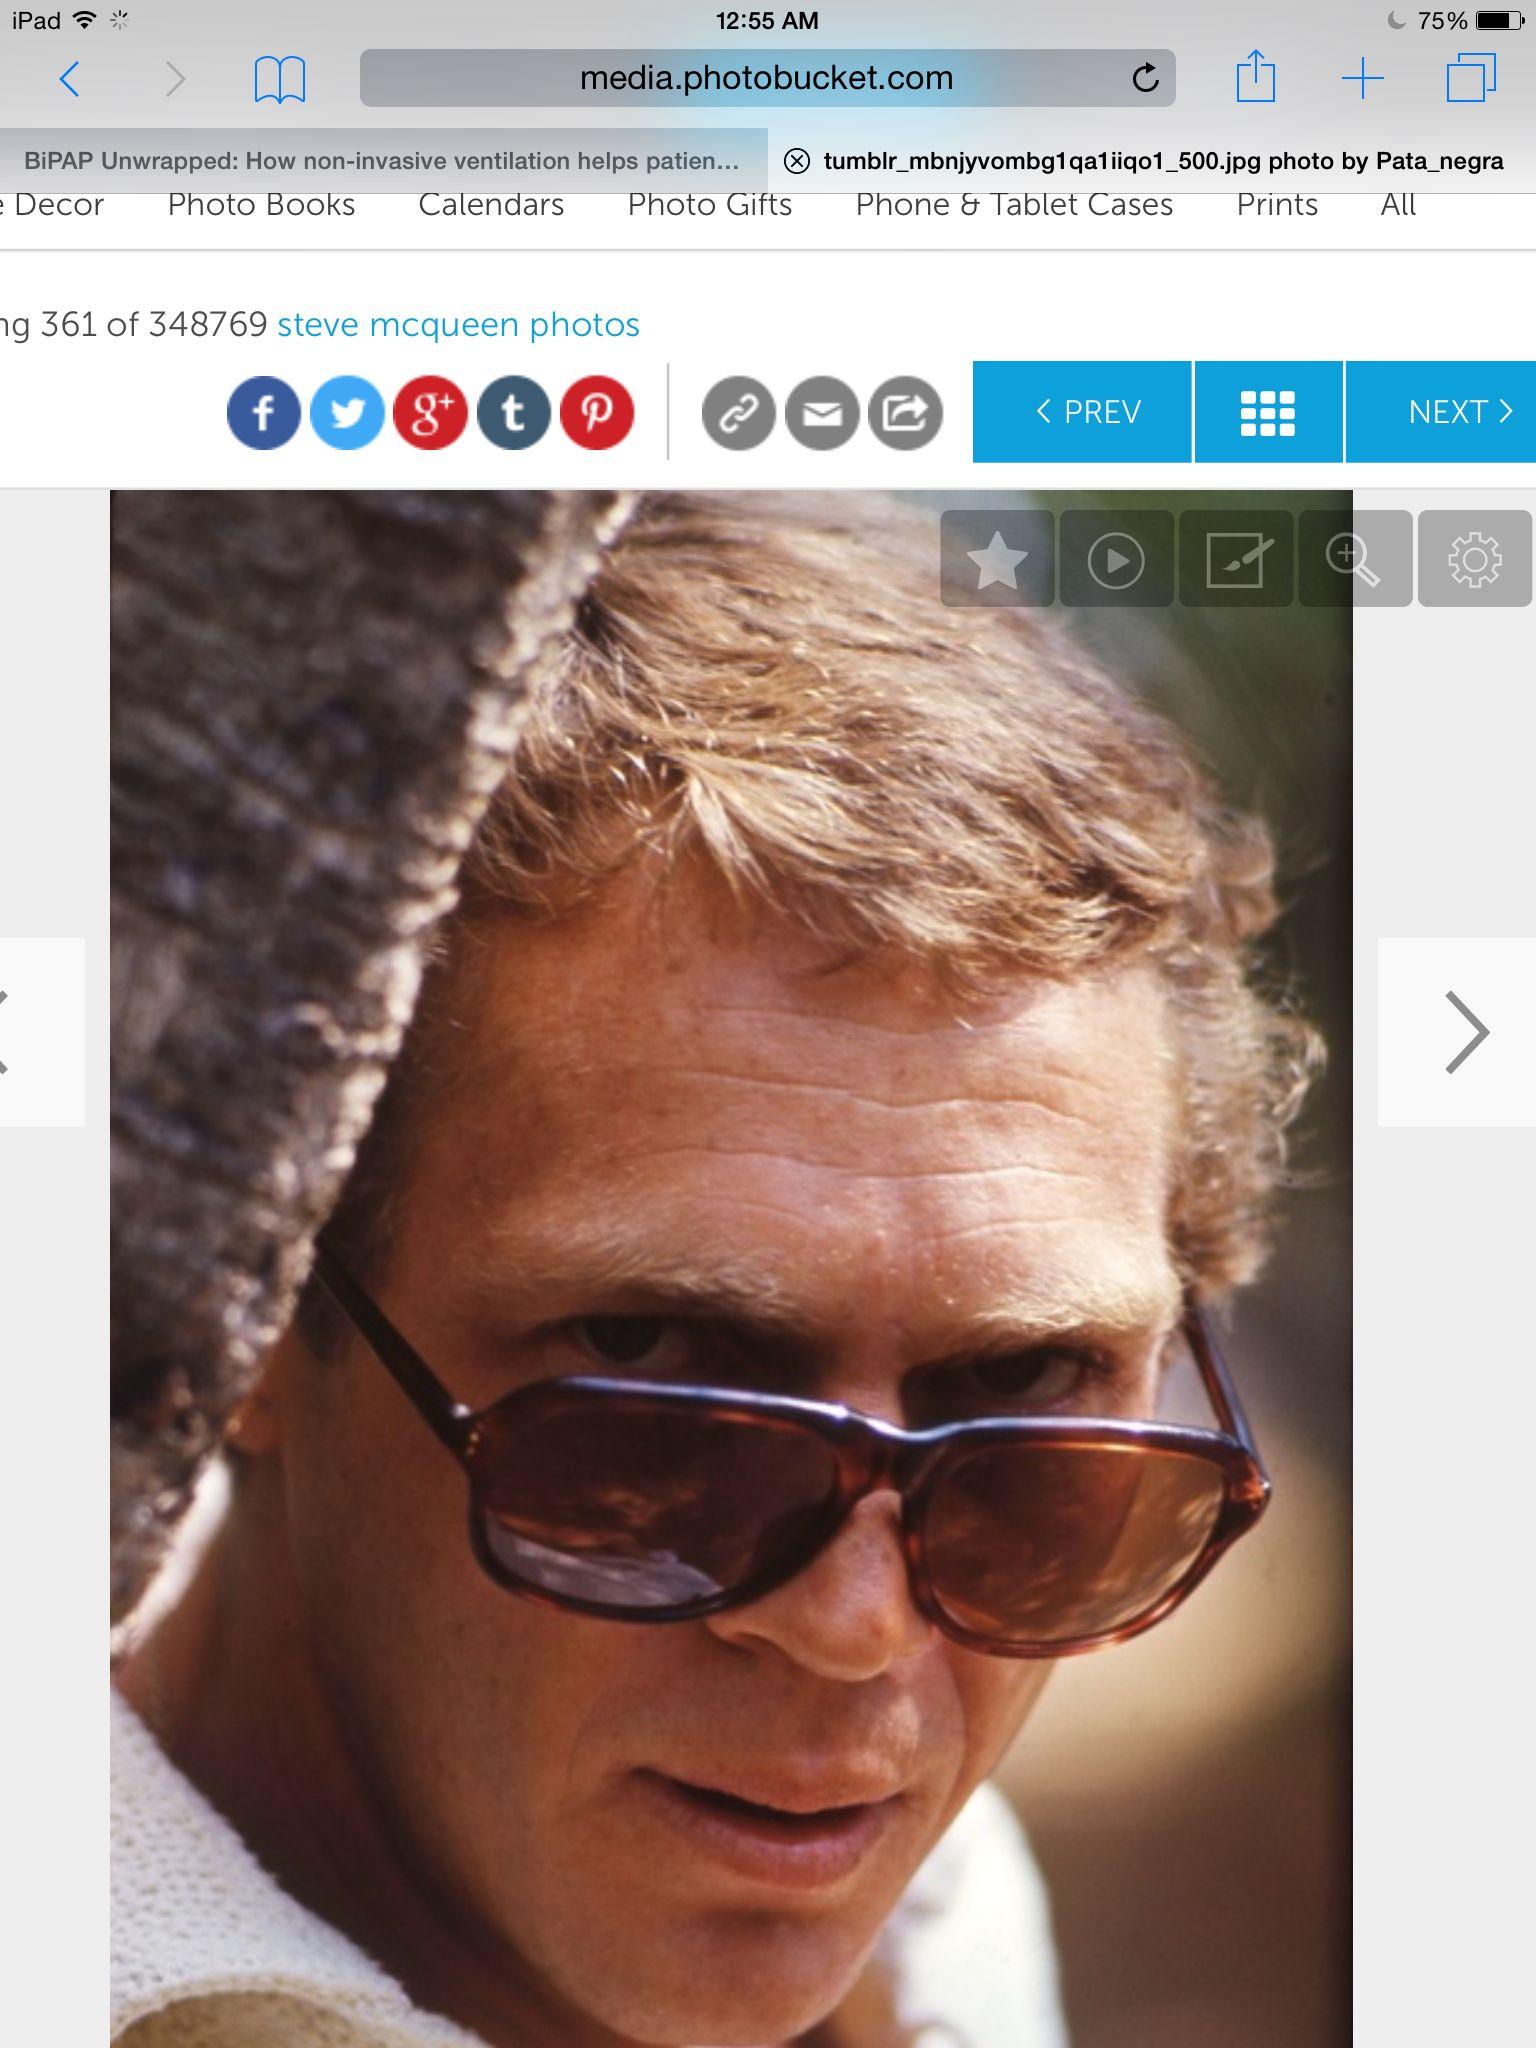 7c91100e0f99a7 Explore Steve Mcqueen Sunglasses, Mc Queen, and more!